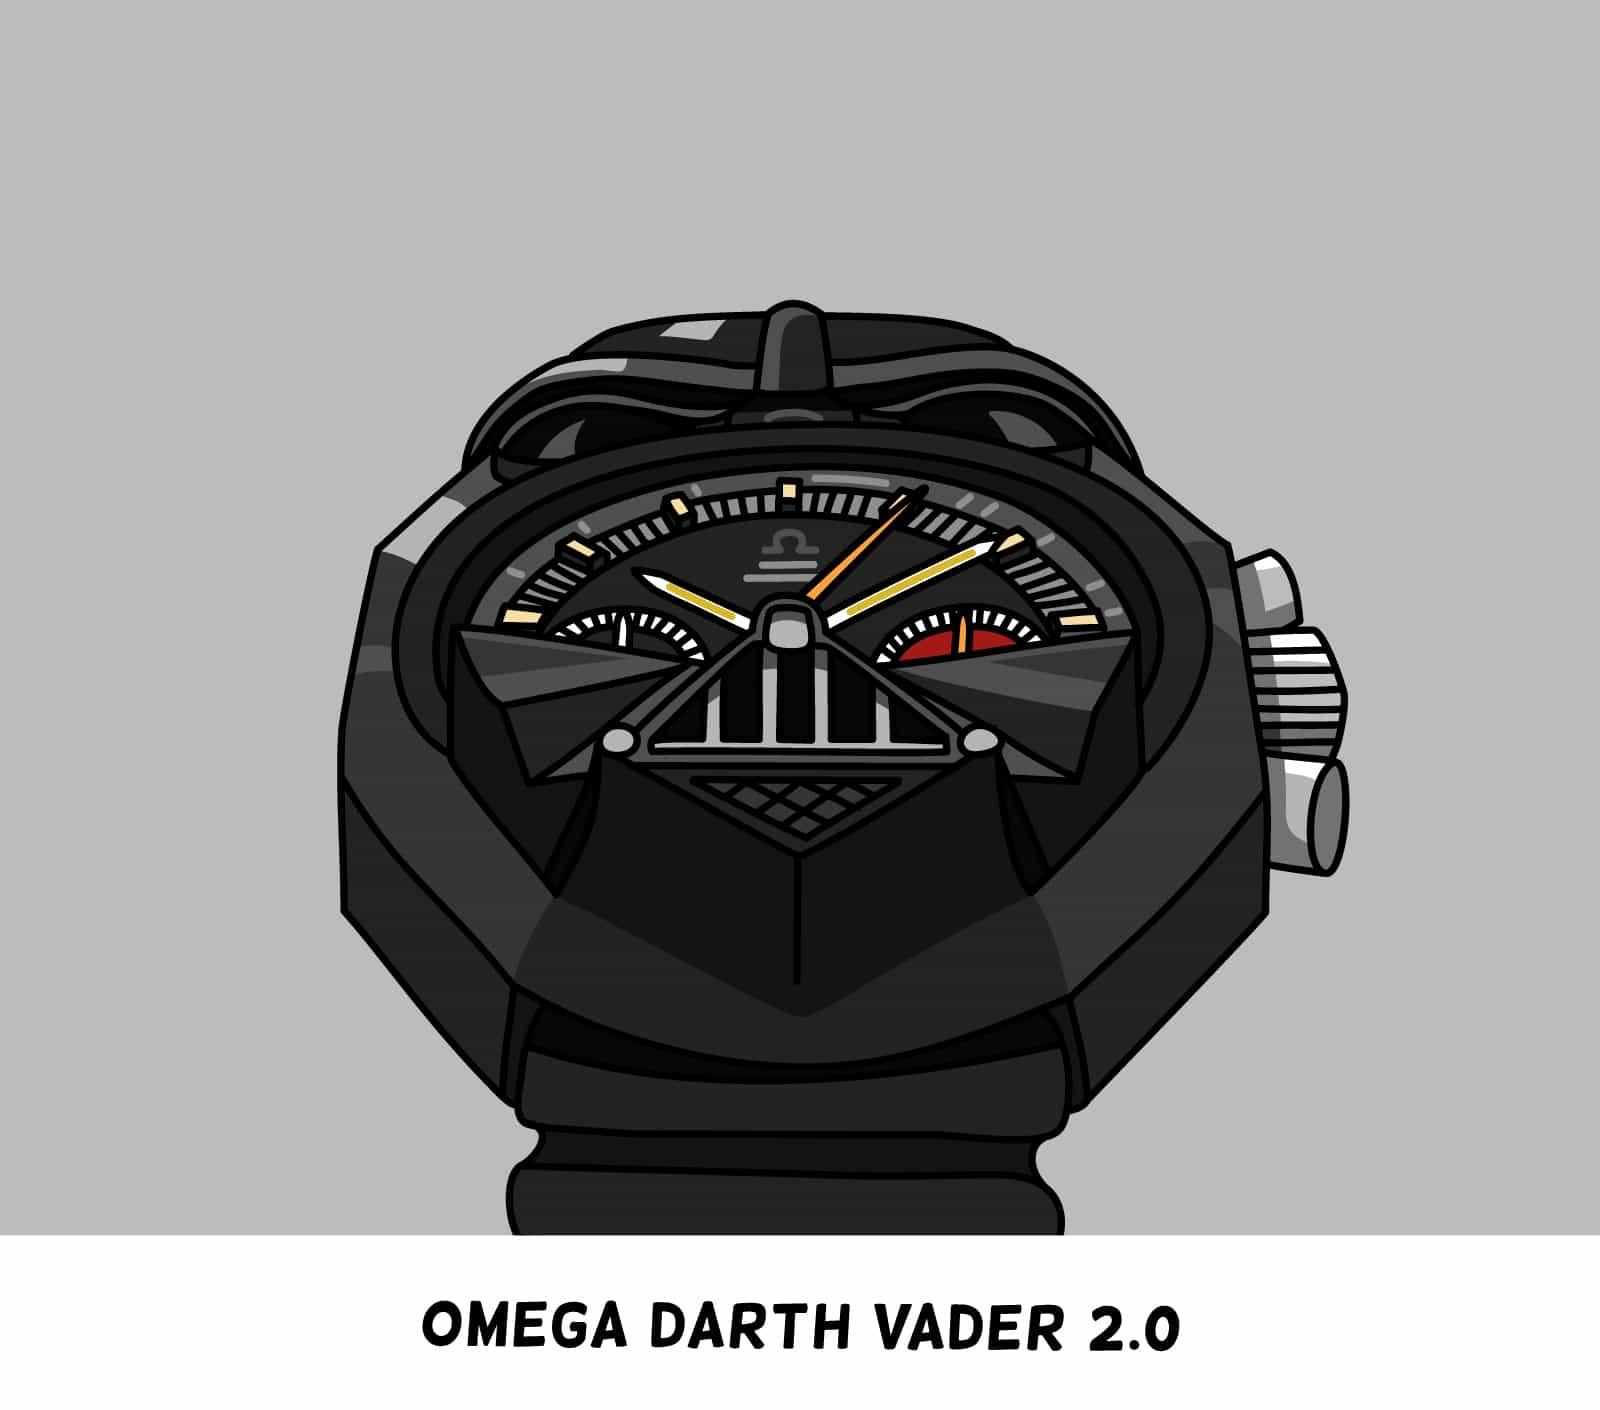 Omega Darth Vader cartoon